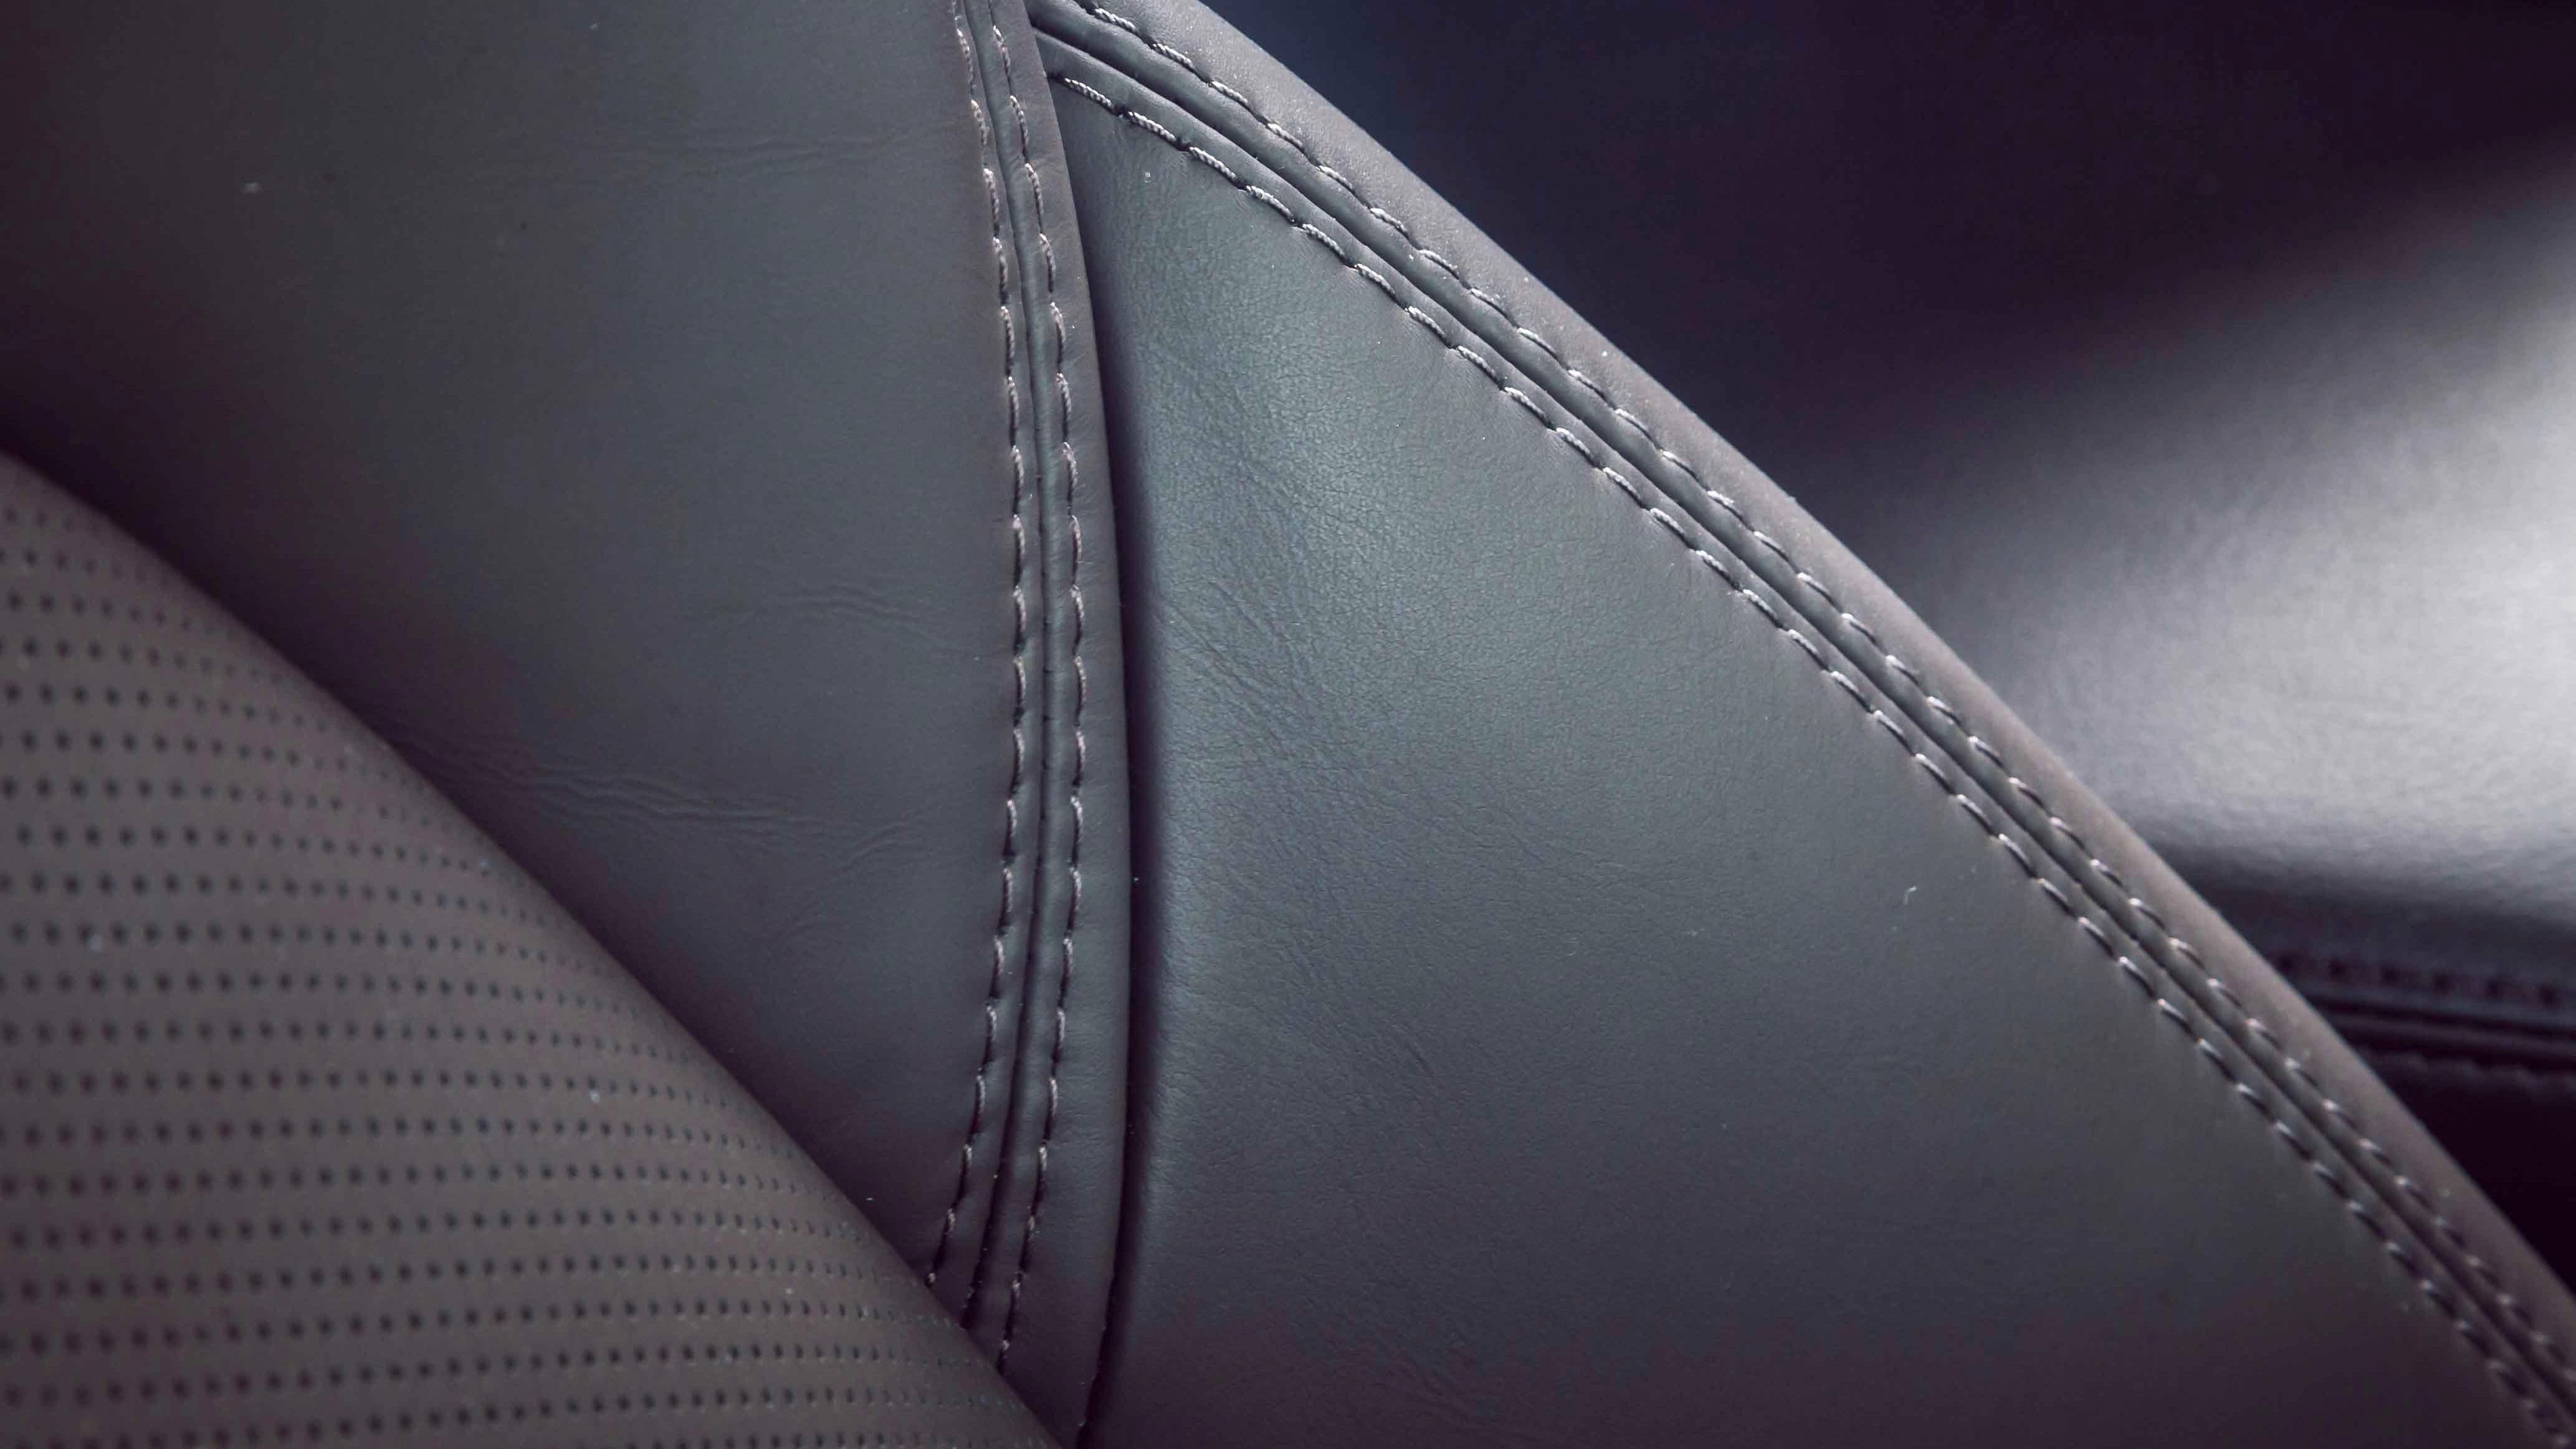 2019 Mazda CX-5 Akera Nappa leather